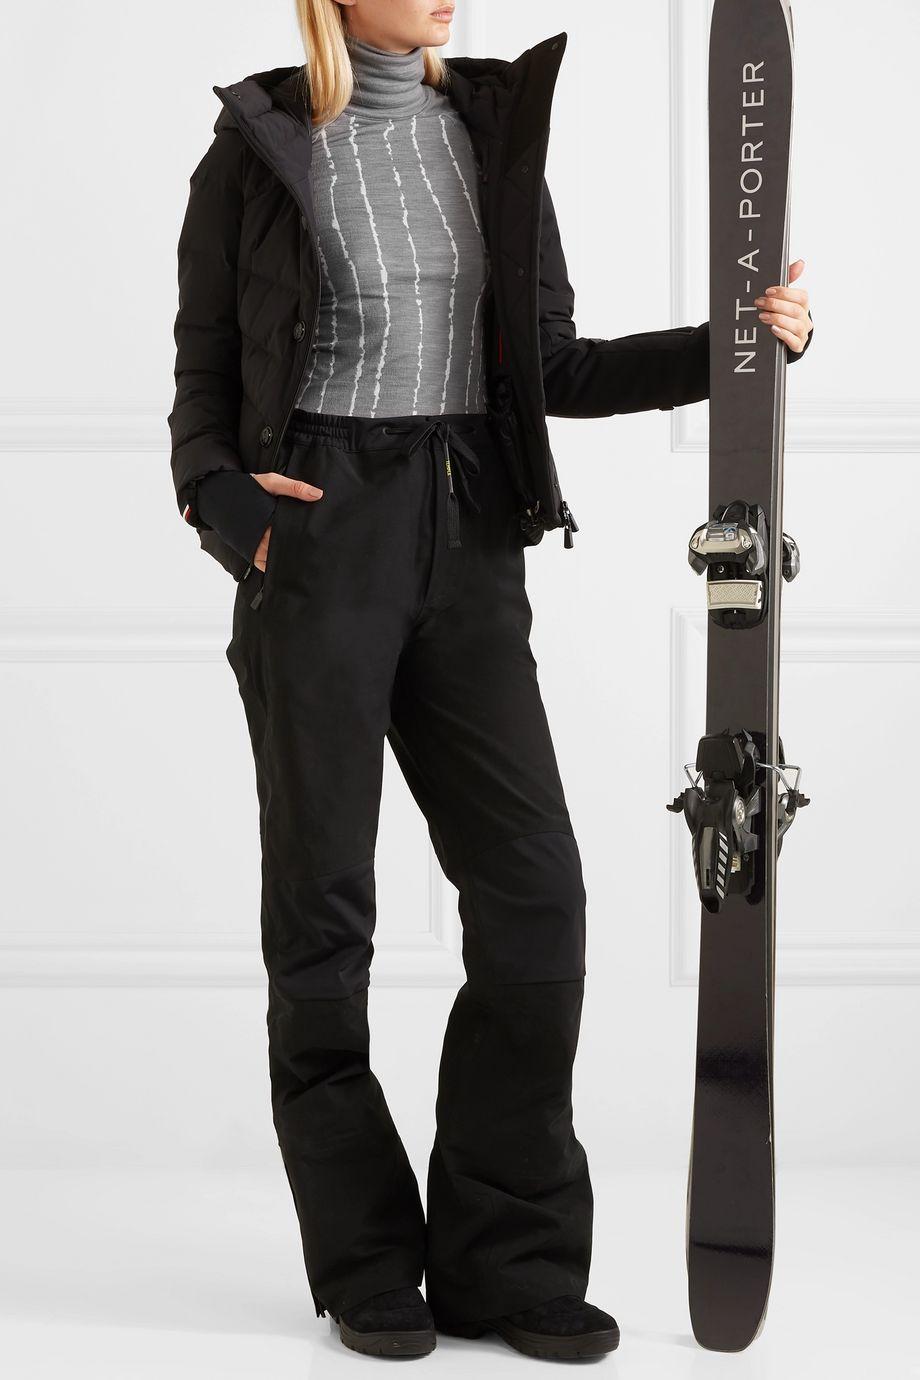 FALKE Ergonomic Sport System Rollkragenoberteil aus einer Wollmischung mit Streifen